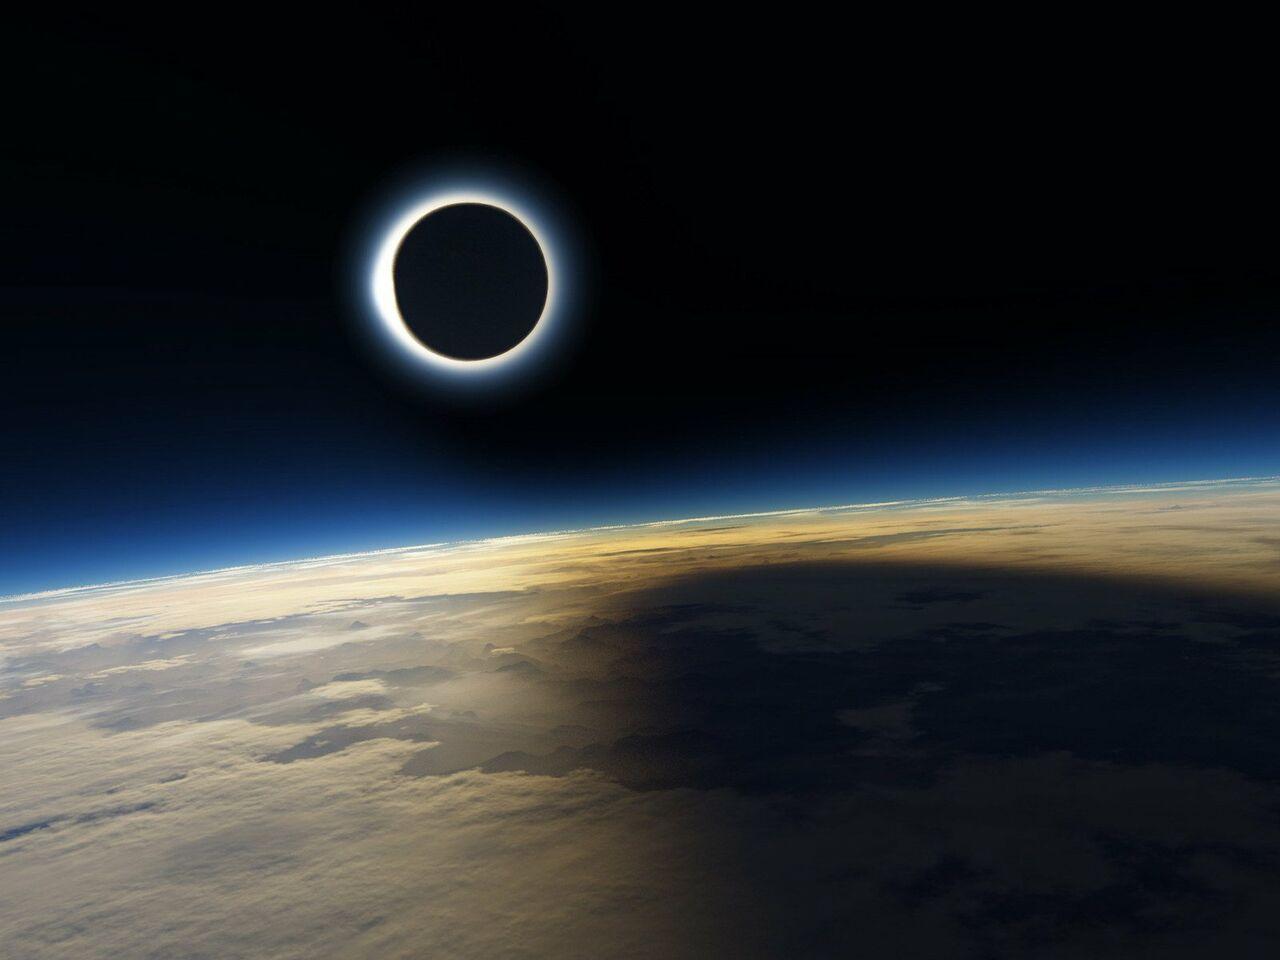 Ученые: Через 100 дней Солнце потухнет днем